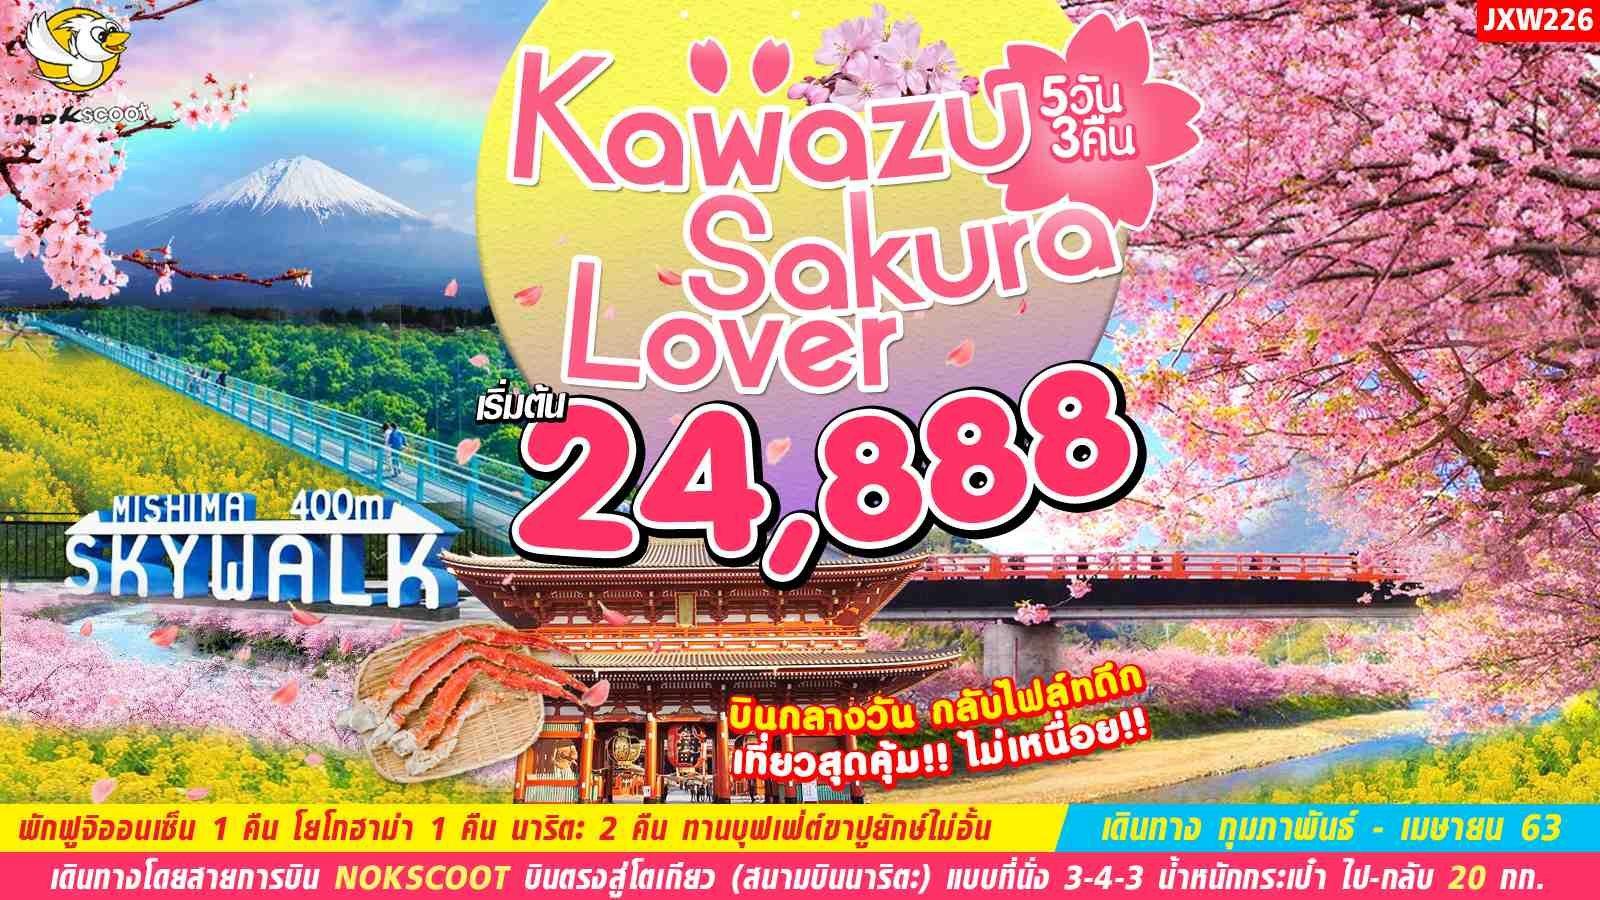 ทัวร์ญี่ปุ่น [ JXW226 ] ทัวร์โตเกียว KAWAZU SAKURA LOVER โตเกียว ฟูจิ คาวาสึ ฟูจิสกี โยโกฮาม่า 6D4N